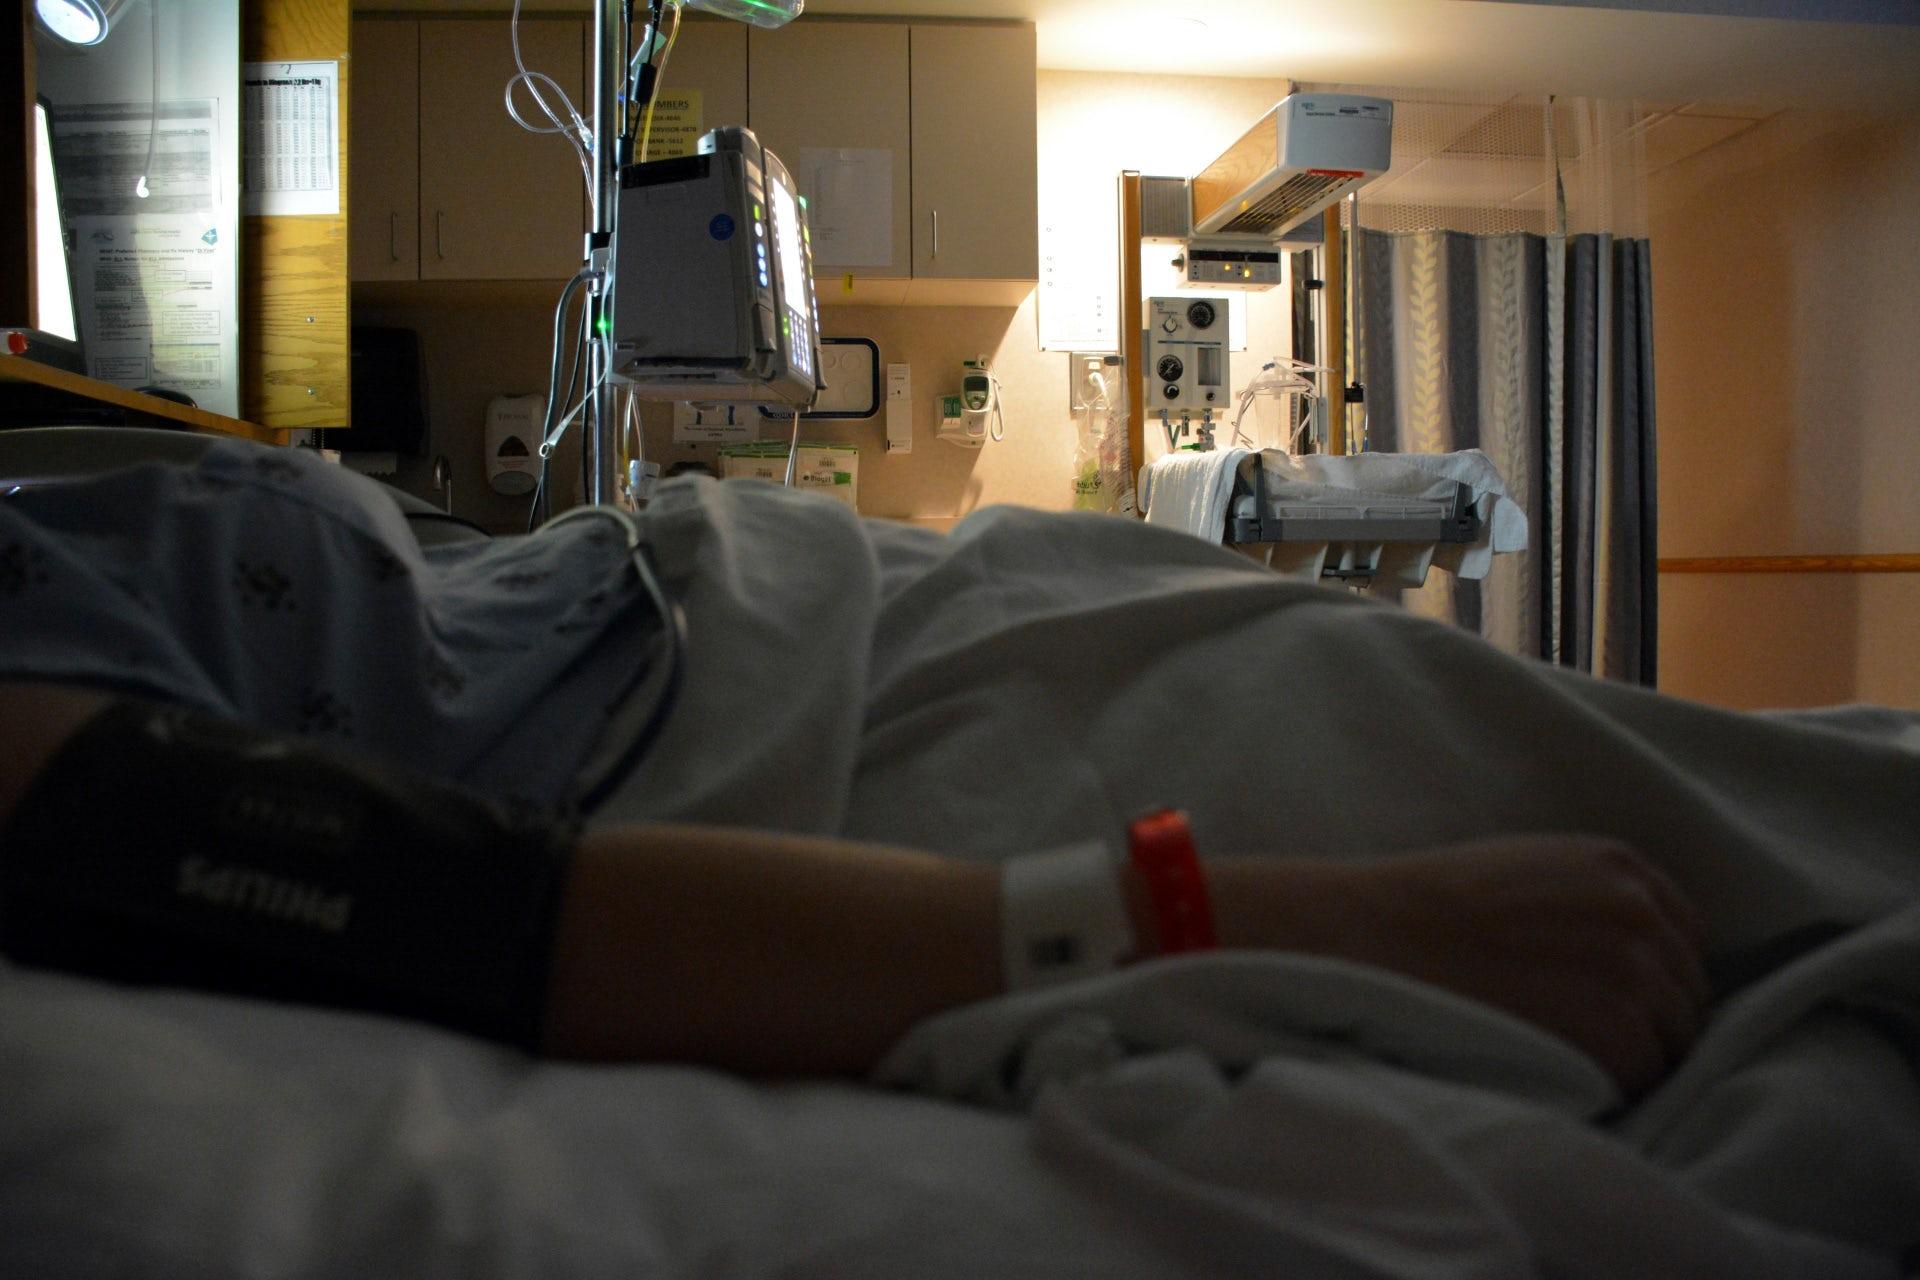 Un Patient Dans Une Chambre Du0027hôpital. 8 Français Sur 10 Sont Favorables à  La Légalisation De Lu0027euthanasie, Selon Un Sondage De Novembre 2016.